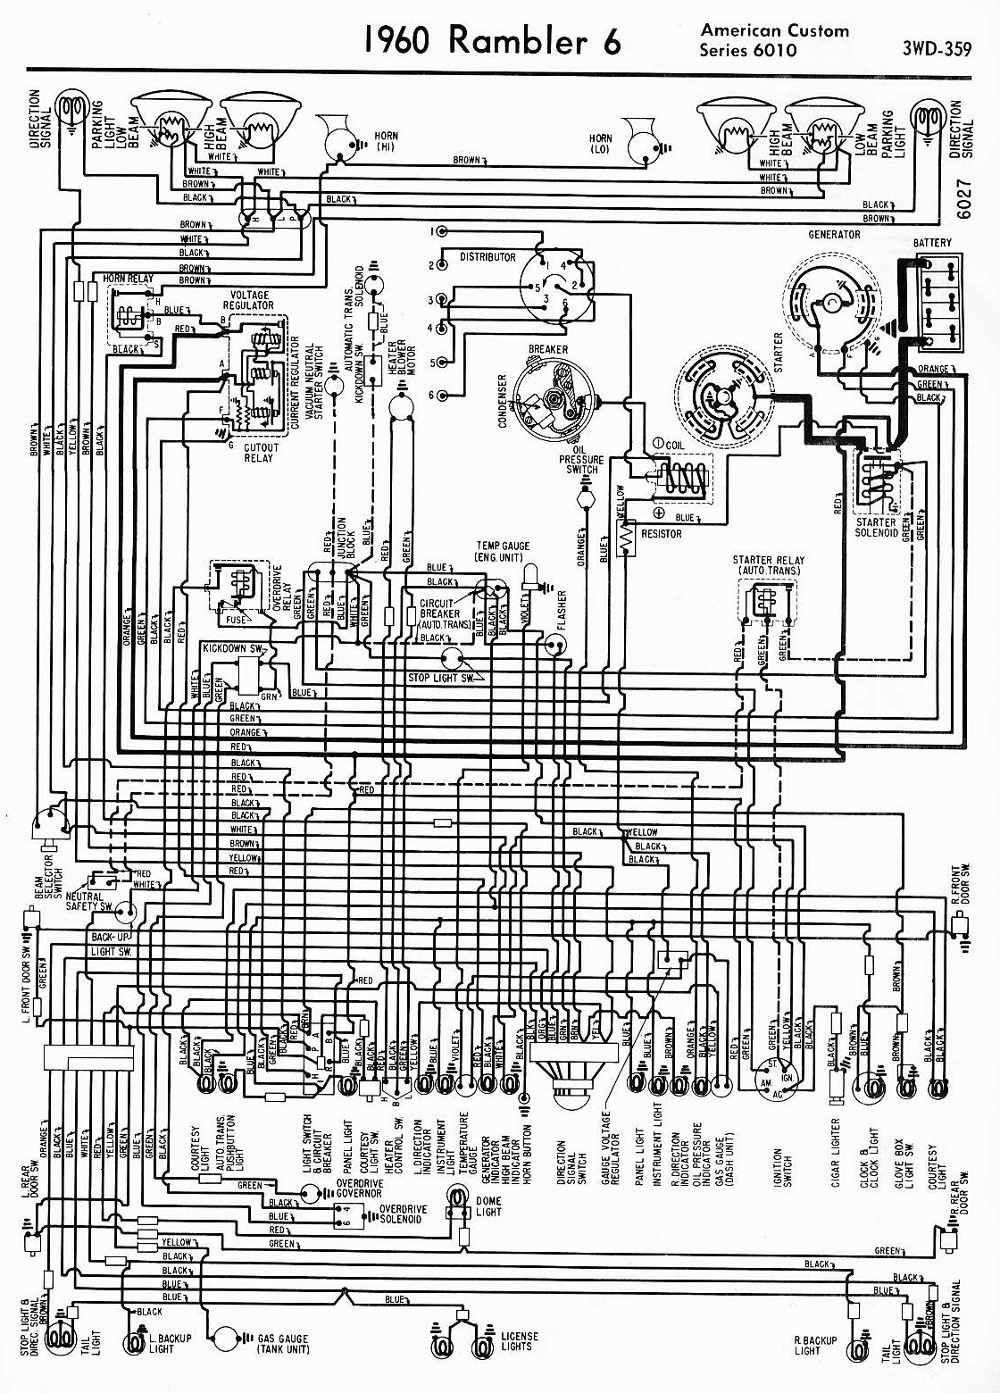 Wiring Diagrams Of 1960 Rambler 6 American Custom Series